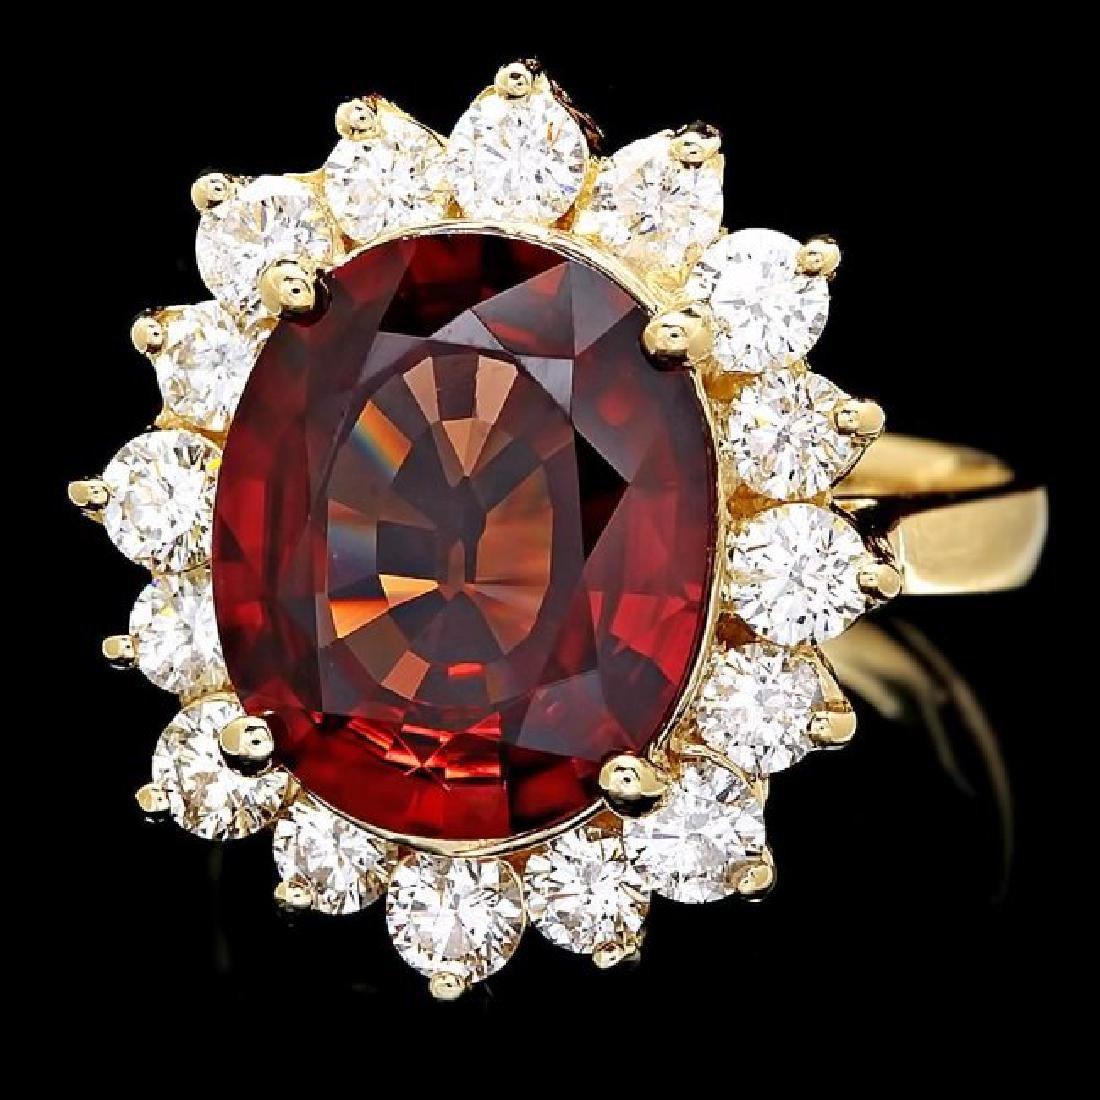 14k Yellow Gold 7.00ct Zircon 1.60ct Diamond Ring